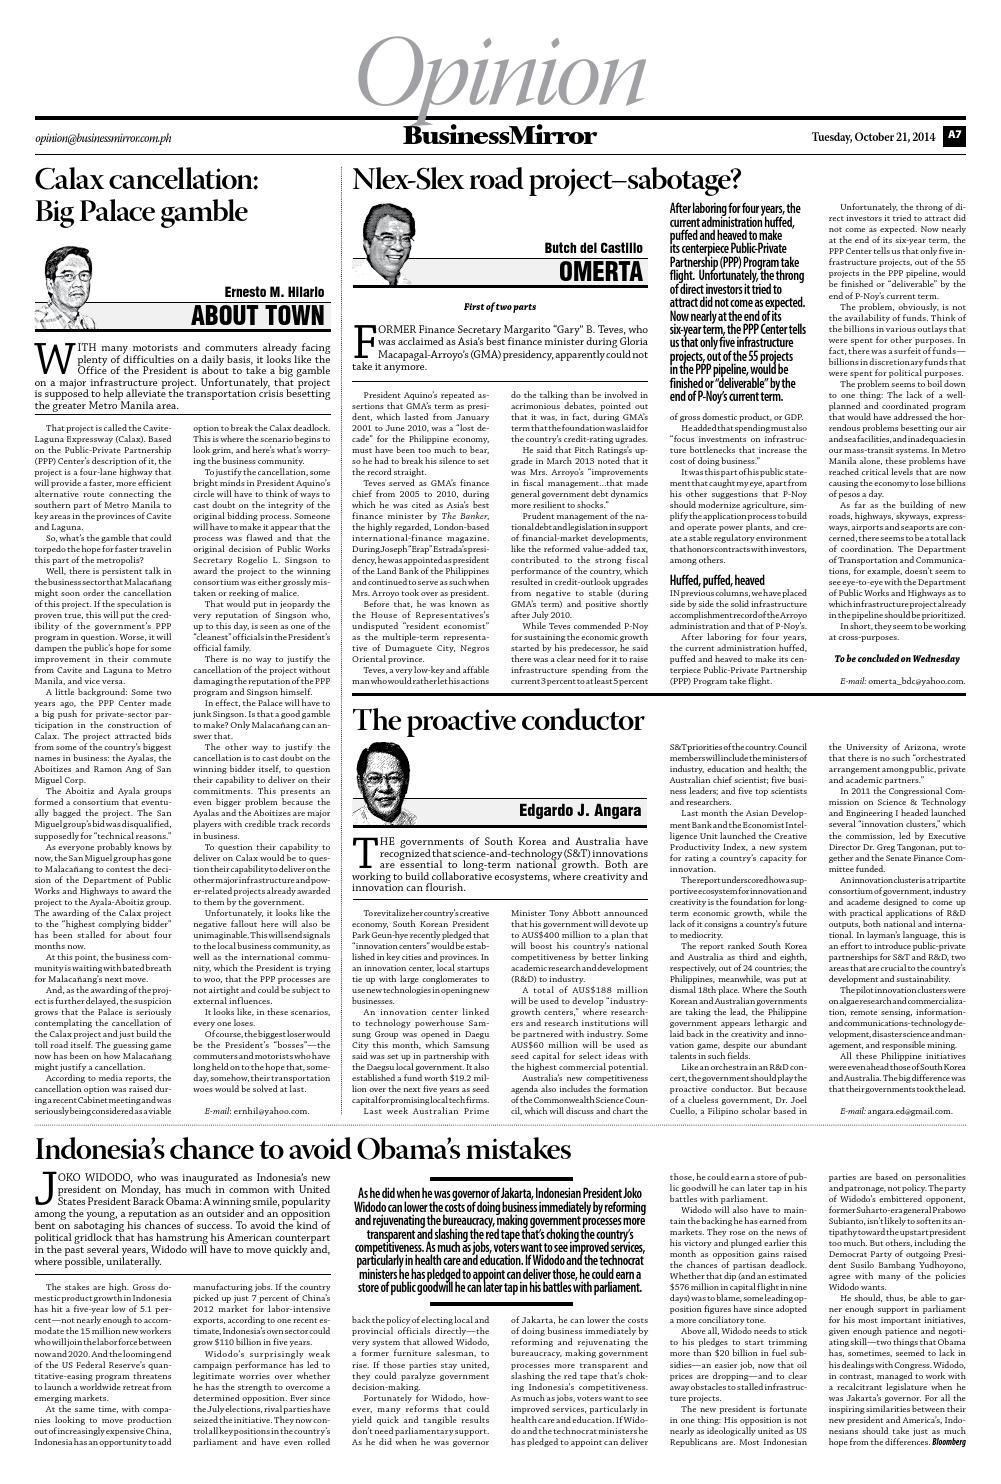 Businessmirror 10 21 2014 by BusinessMirror - issuu